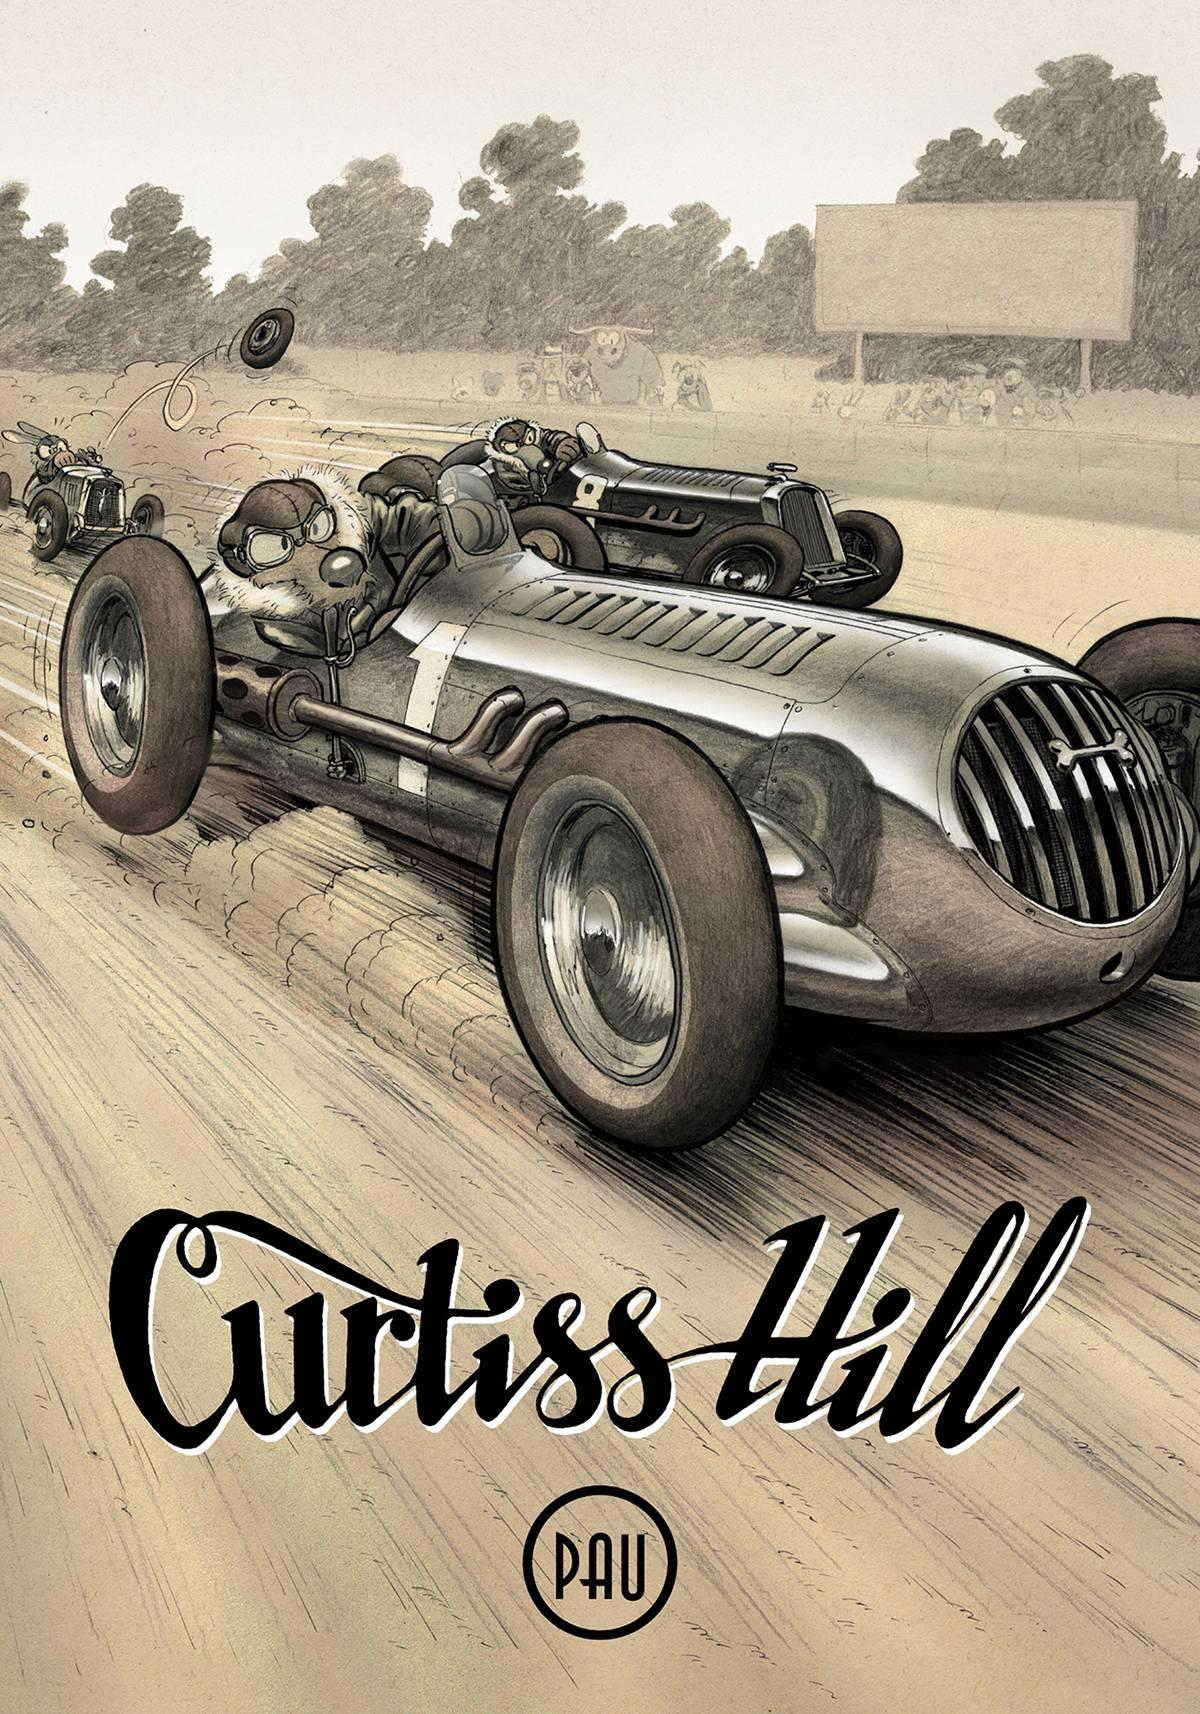 CURTISS HILL TP